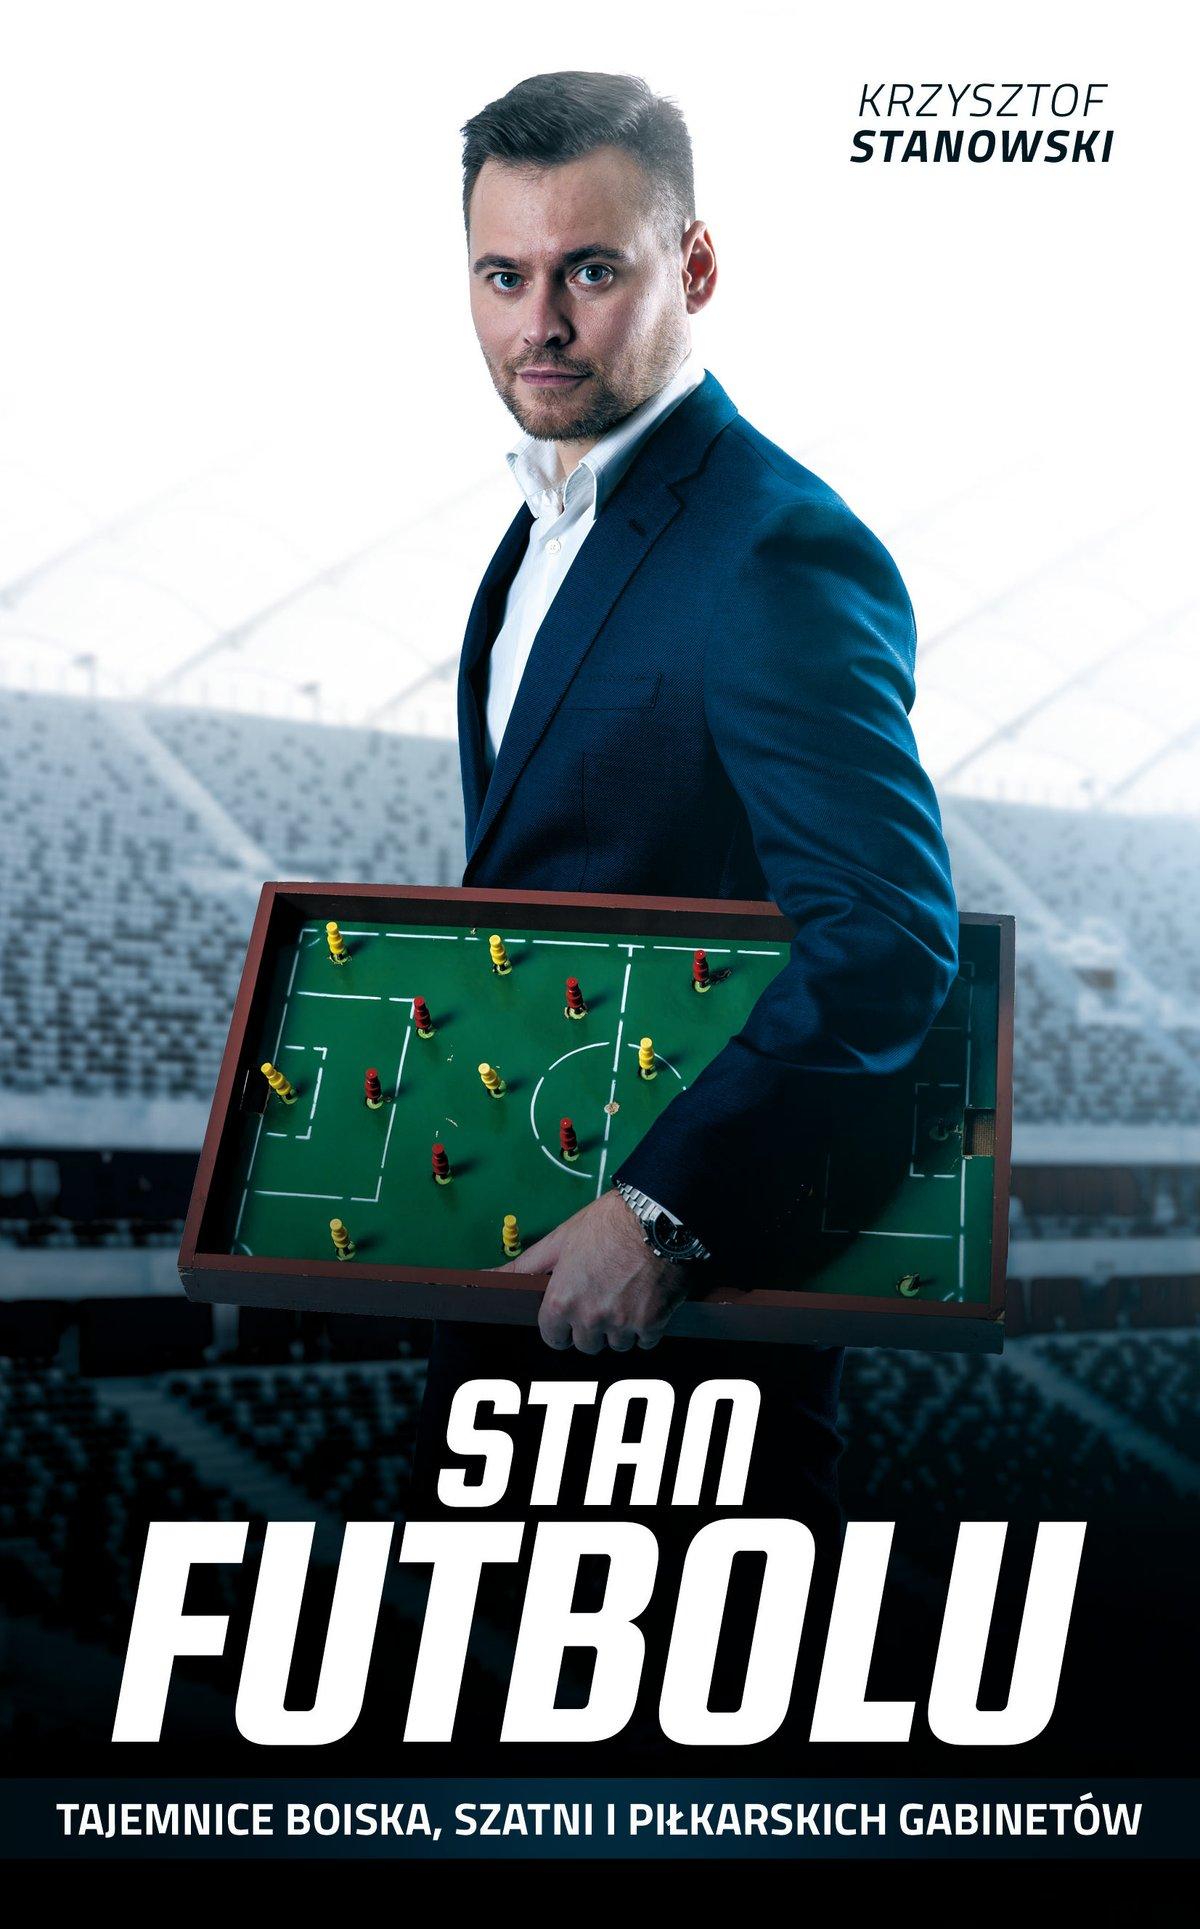 Stan futbolu - Ebook (Książka EPUB) do pobrania w formacie EPUB